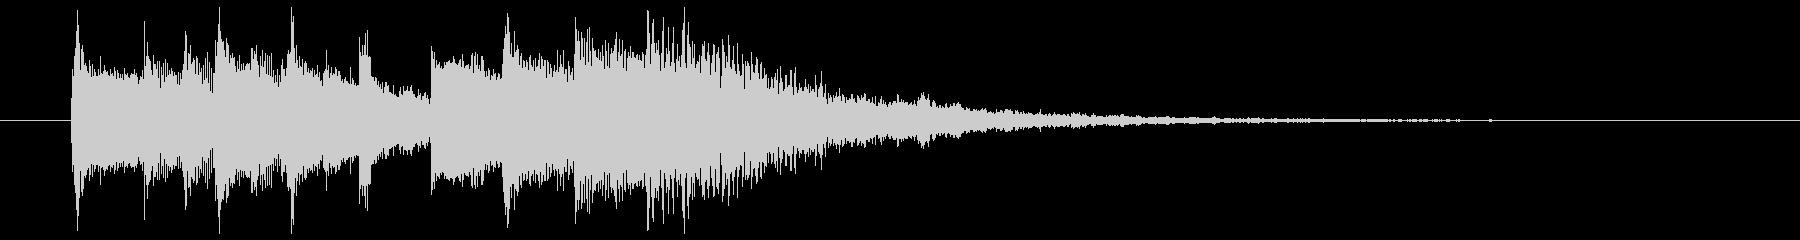 【サウンドロゴ】ベル系シンセ_04の未再生の波形